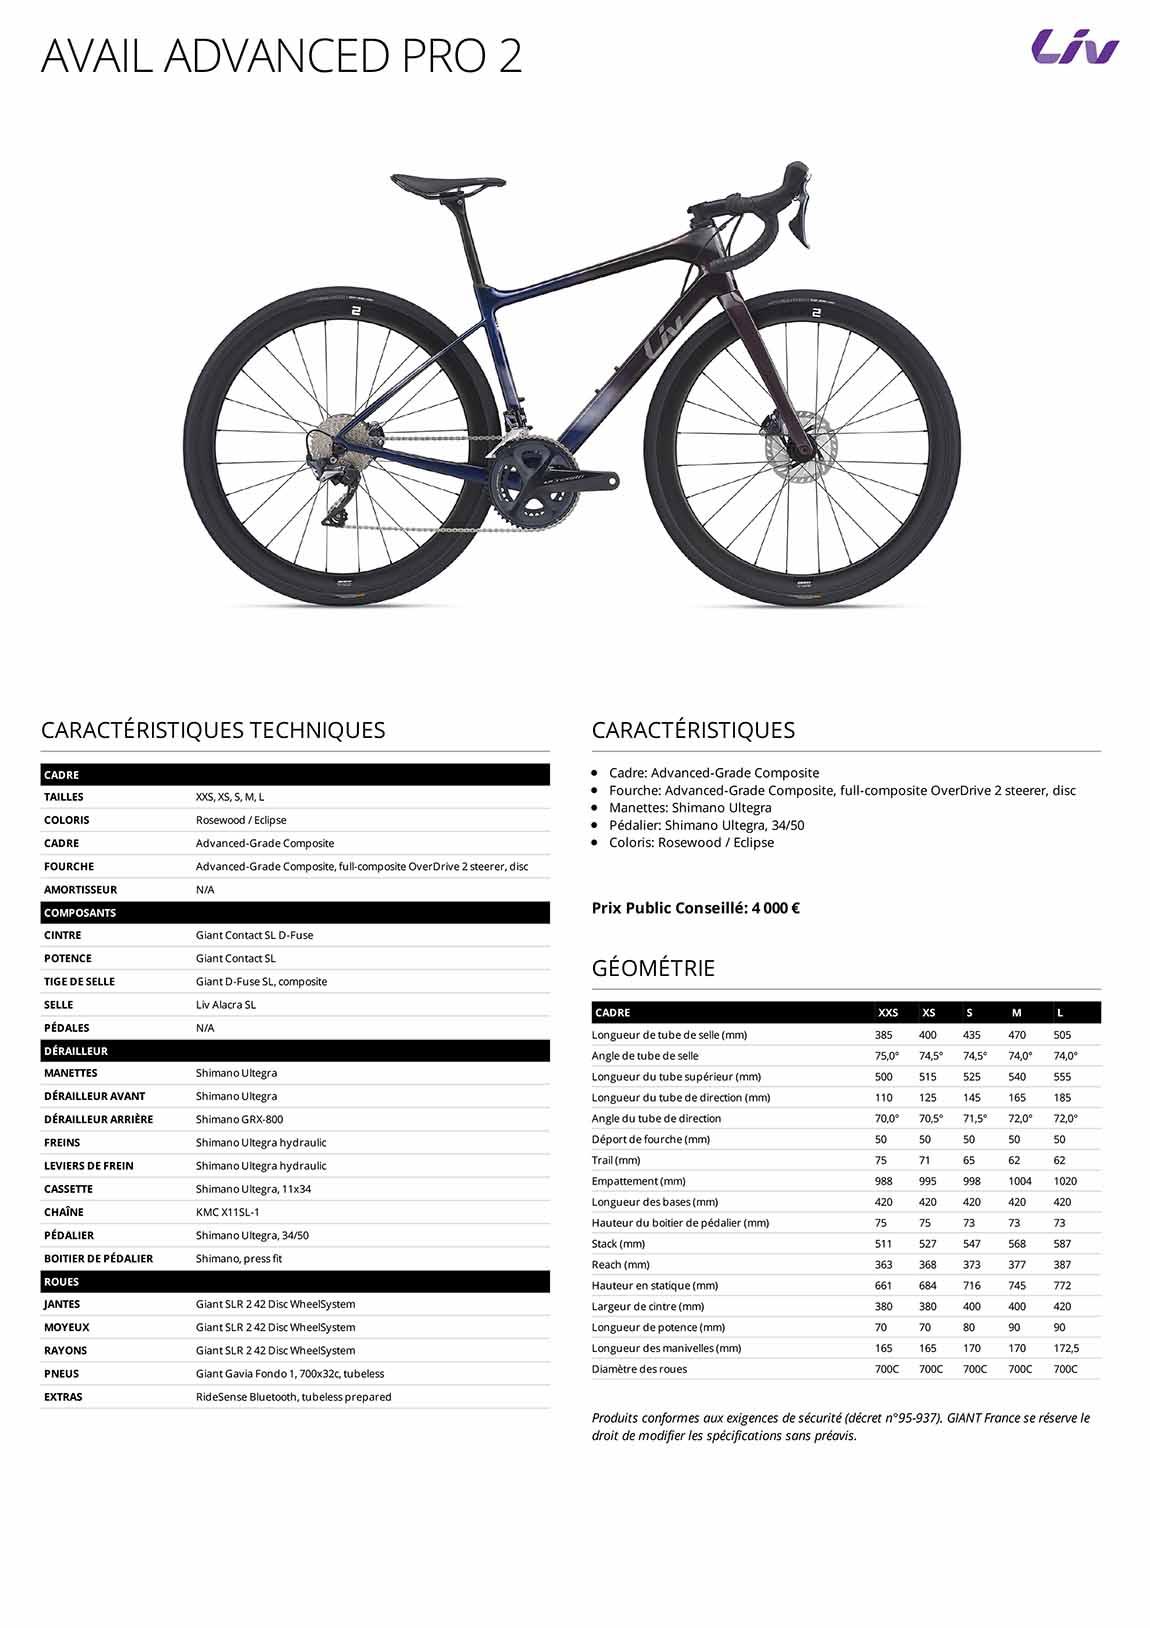 Caractéristiques techniques Vélo femme LIV Avail Advanced Pro 2 2021